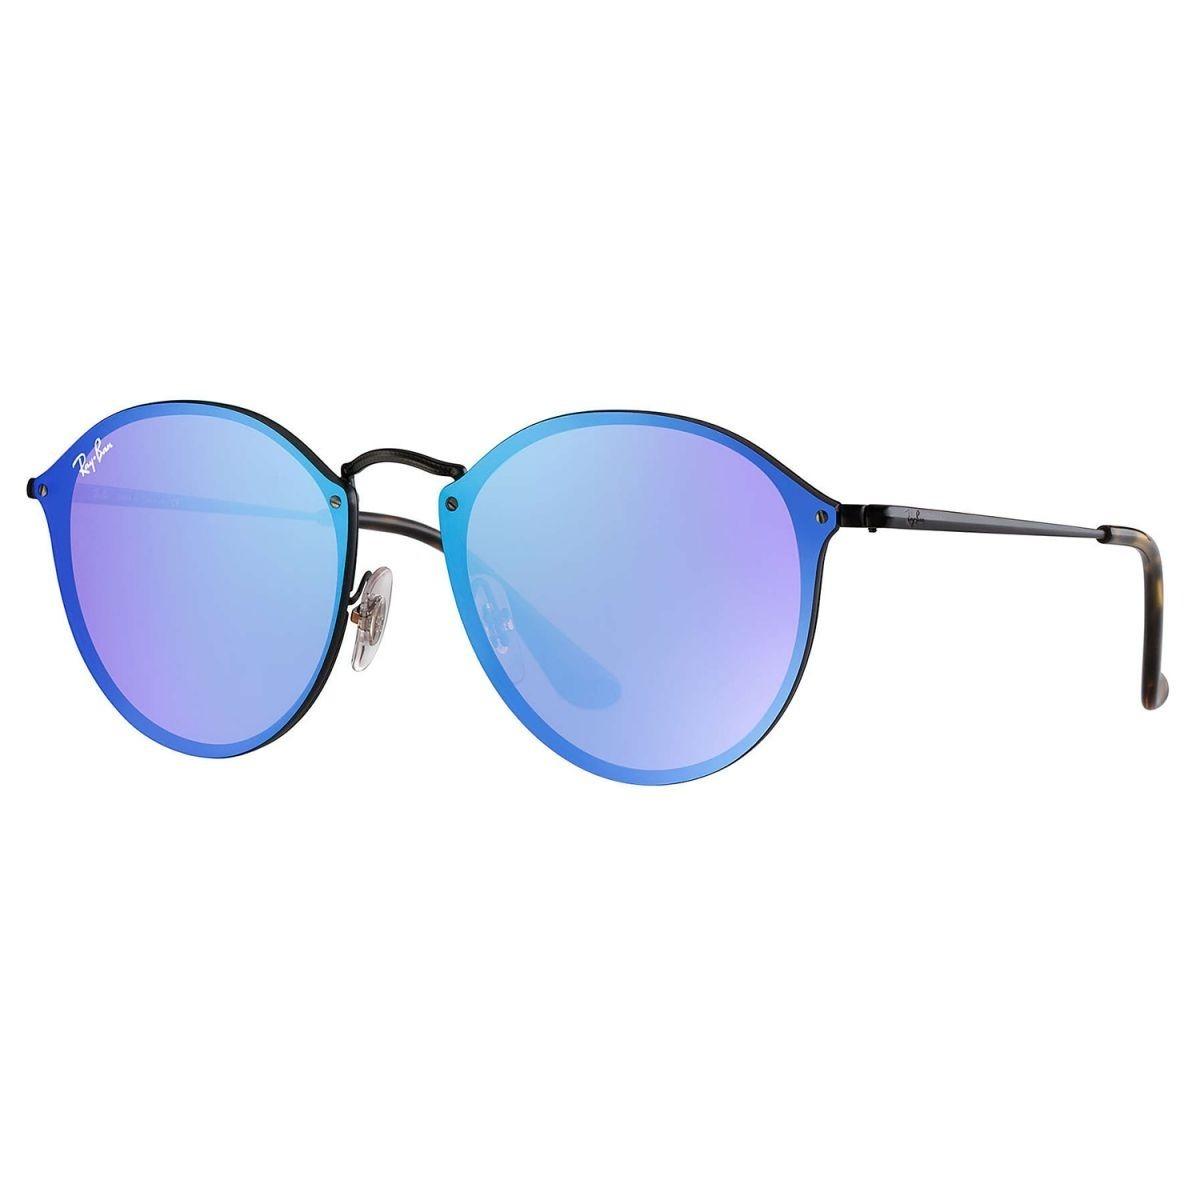 a0ed8c52fce1d oculos de sol round blaze azul espelhado masculino feminino. Carregando zoom .